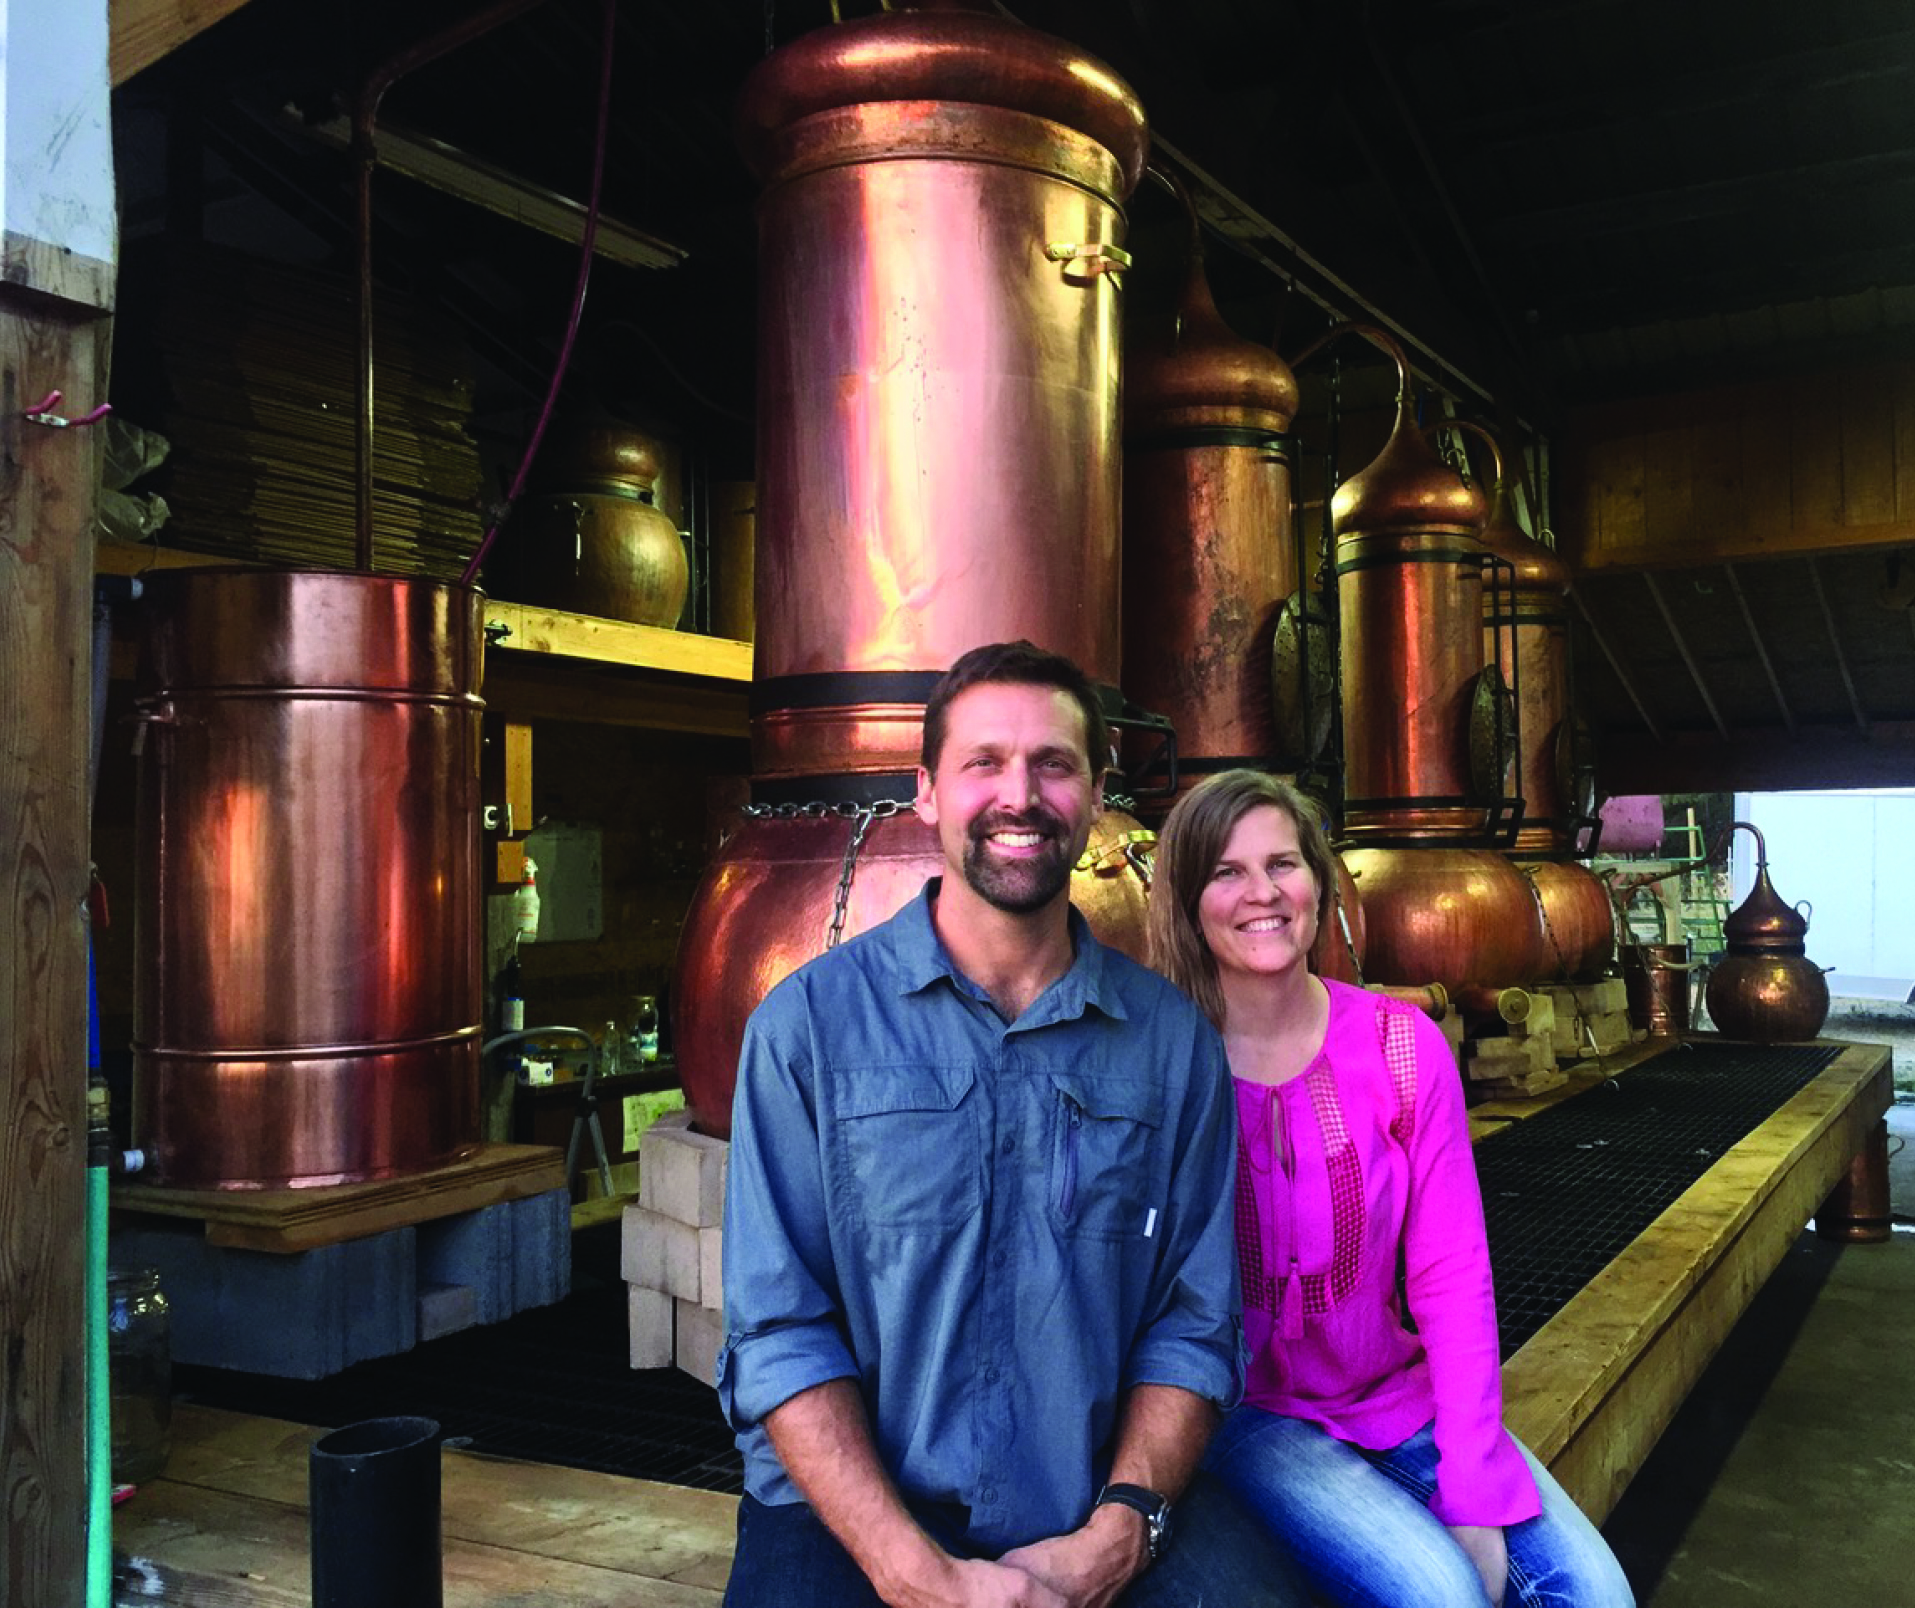 Our organic hydrosol distillers sitting near their copper stills